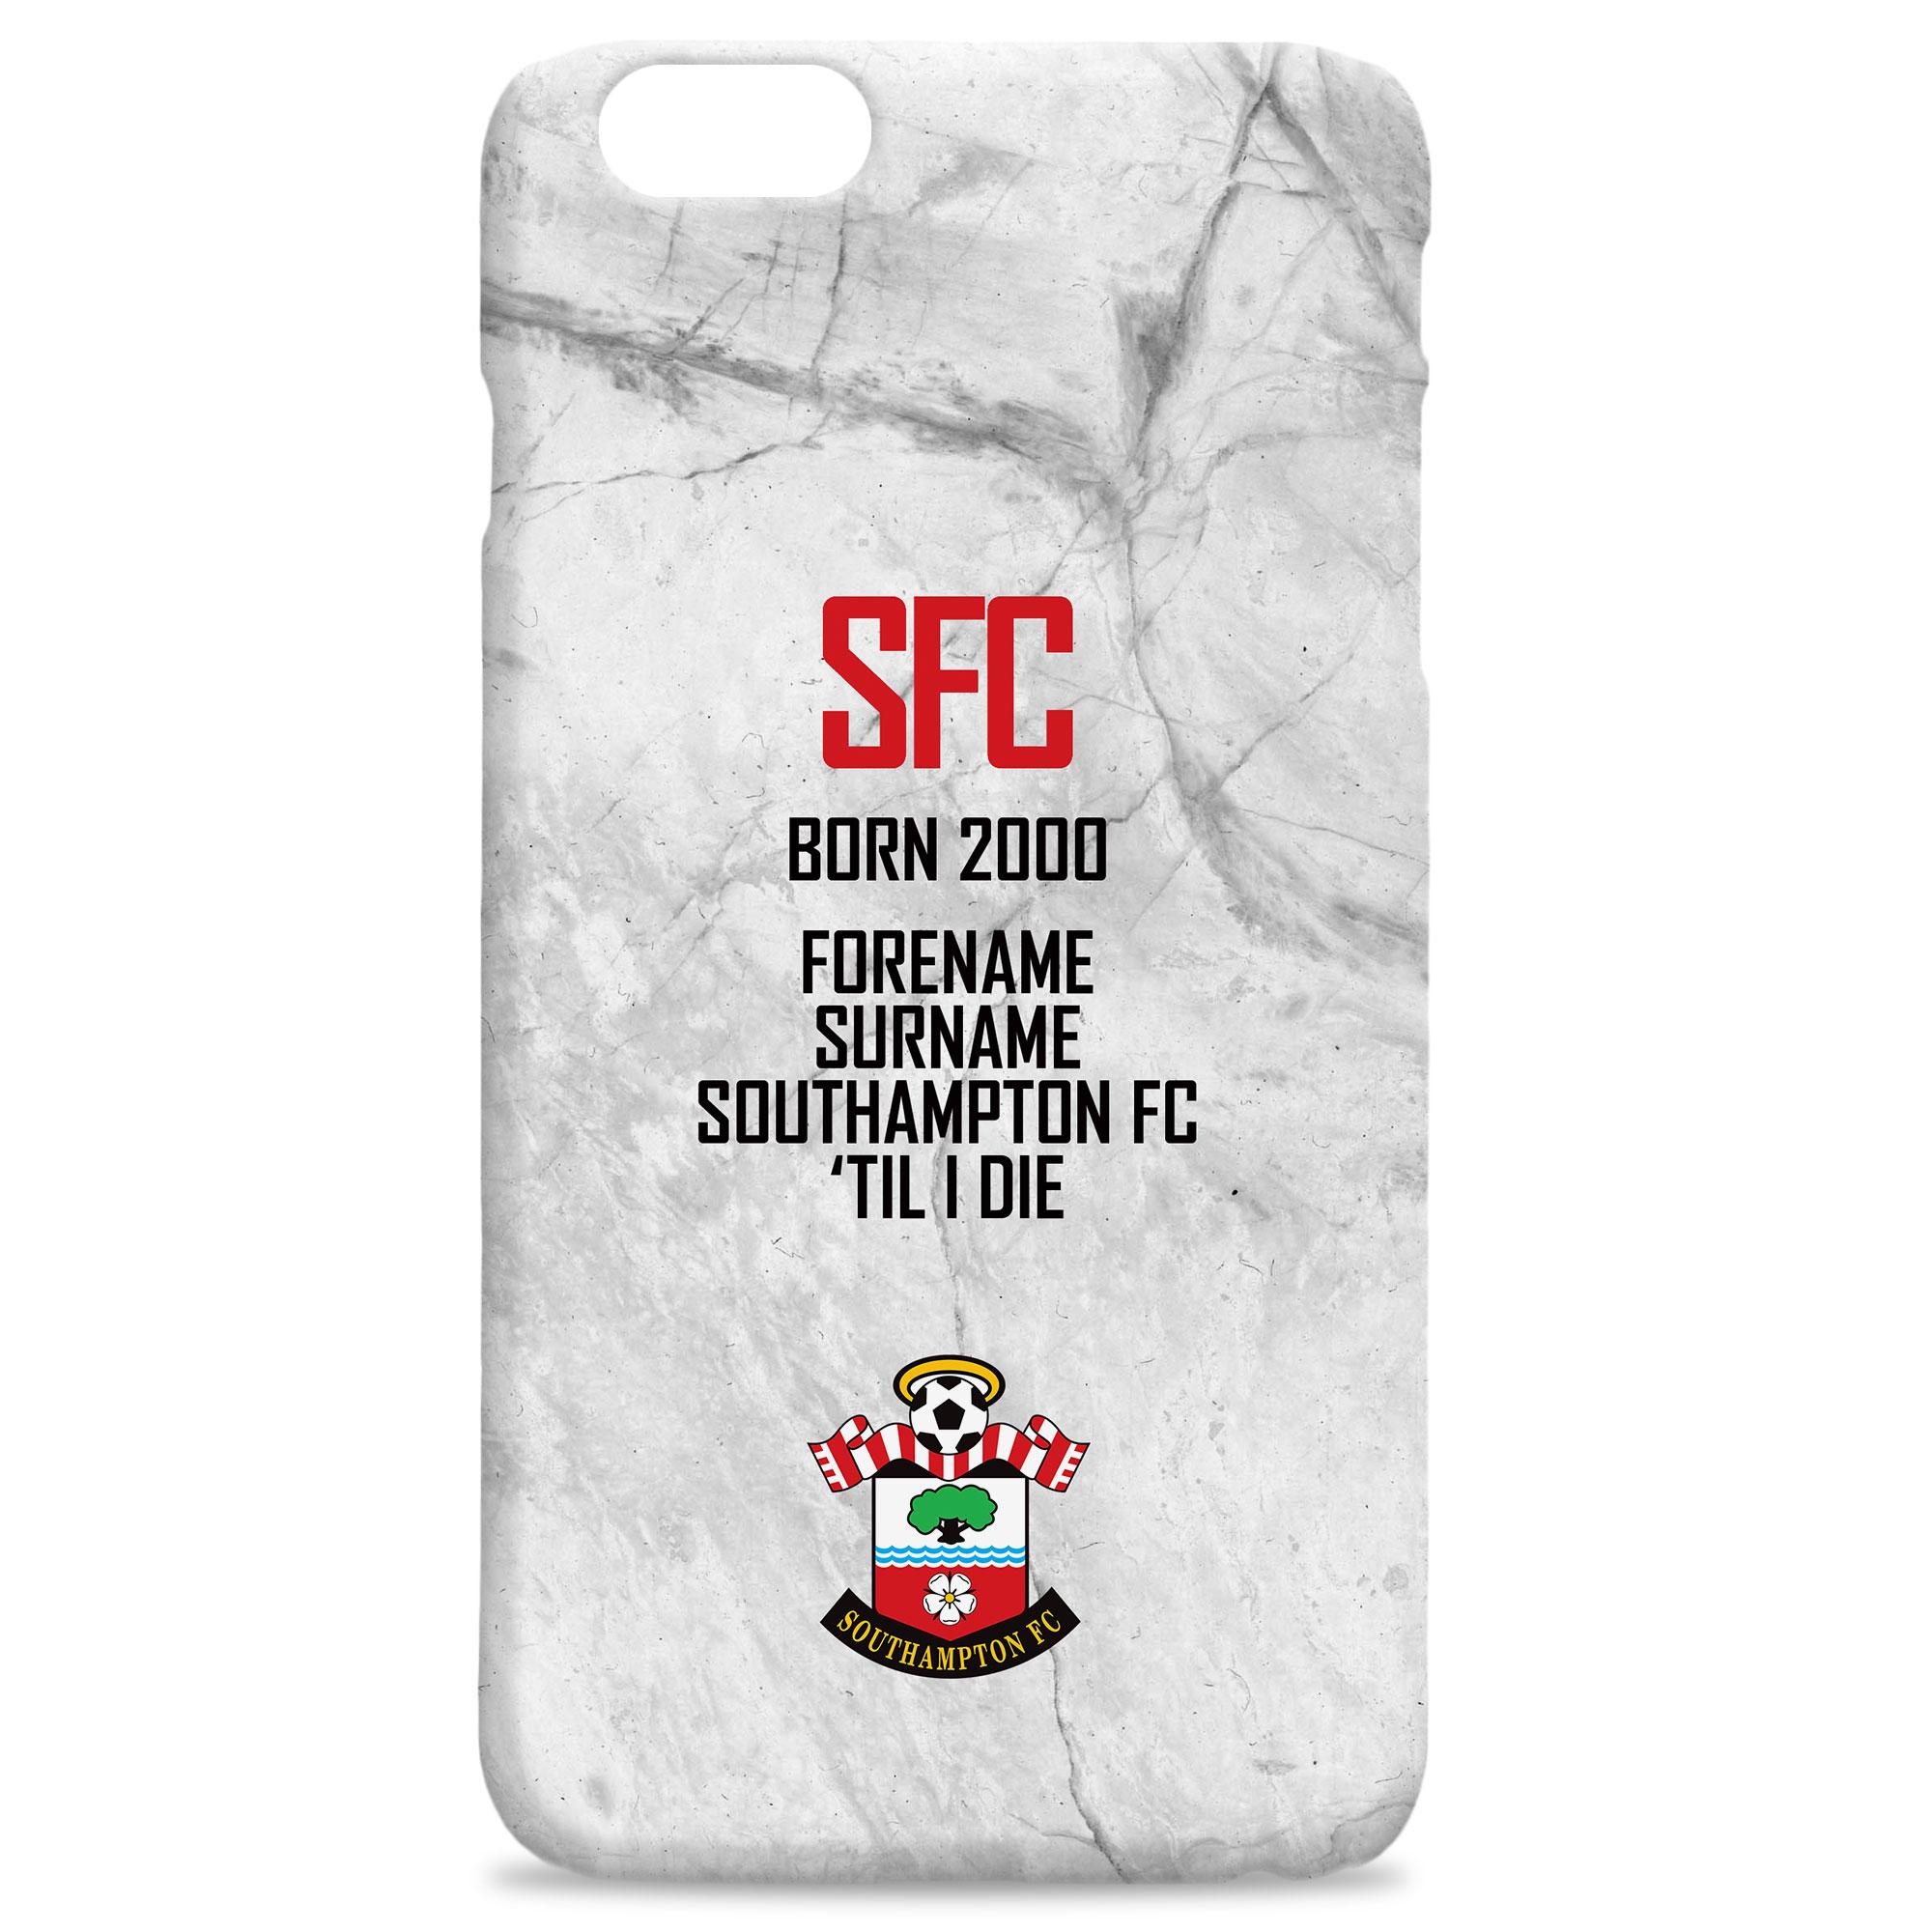 Southampton FC 'Til I Die Hard Back Phone Case